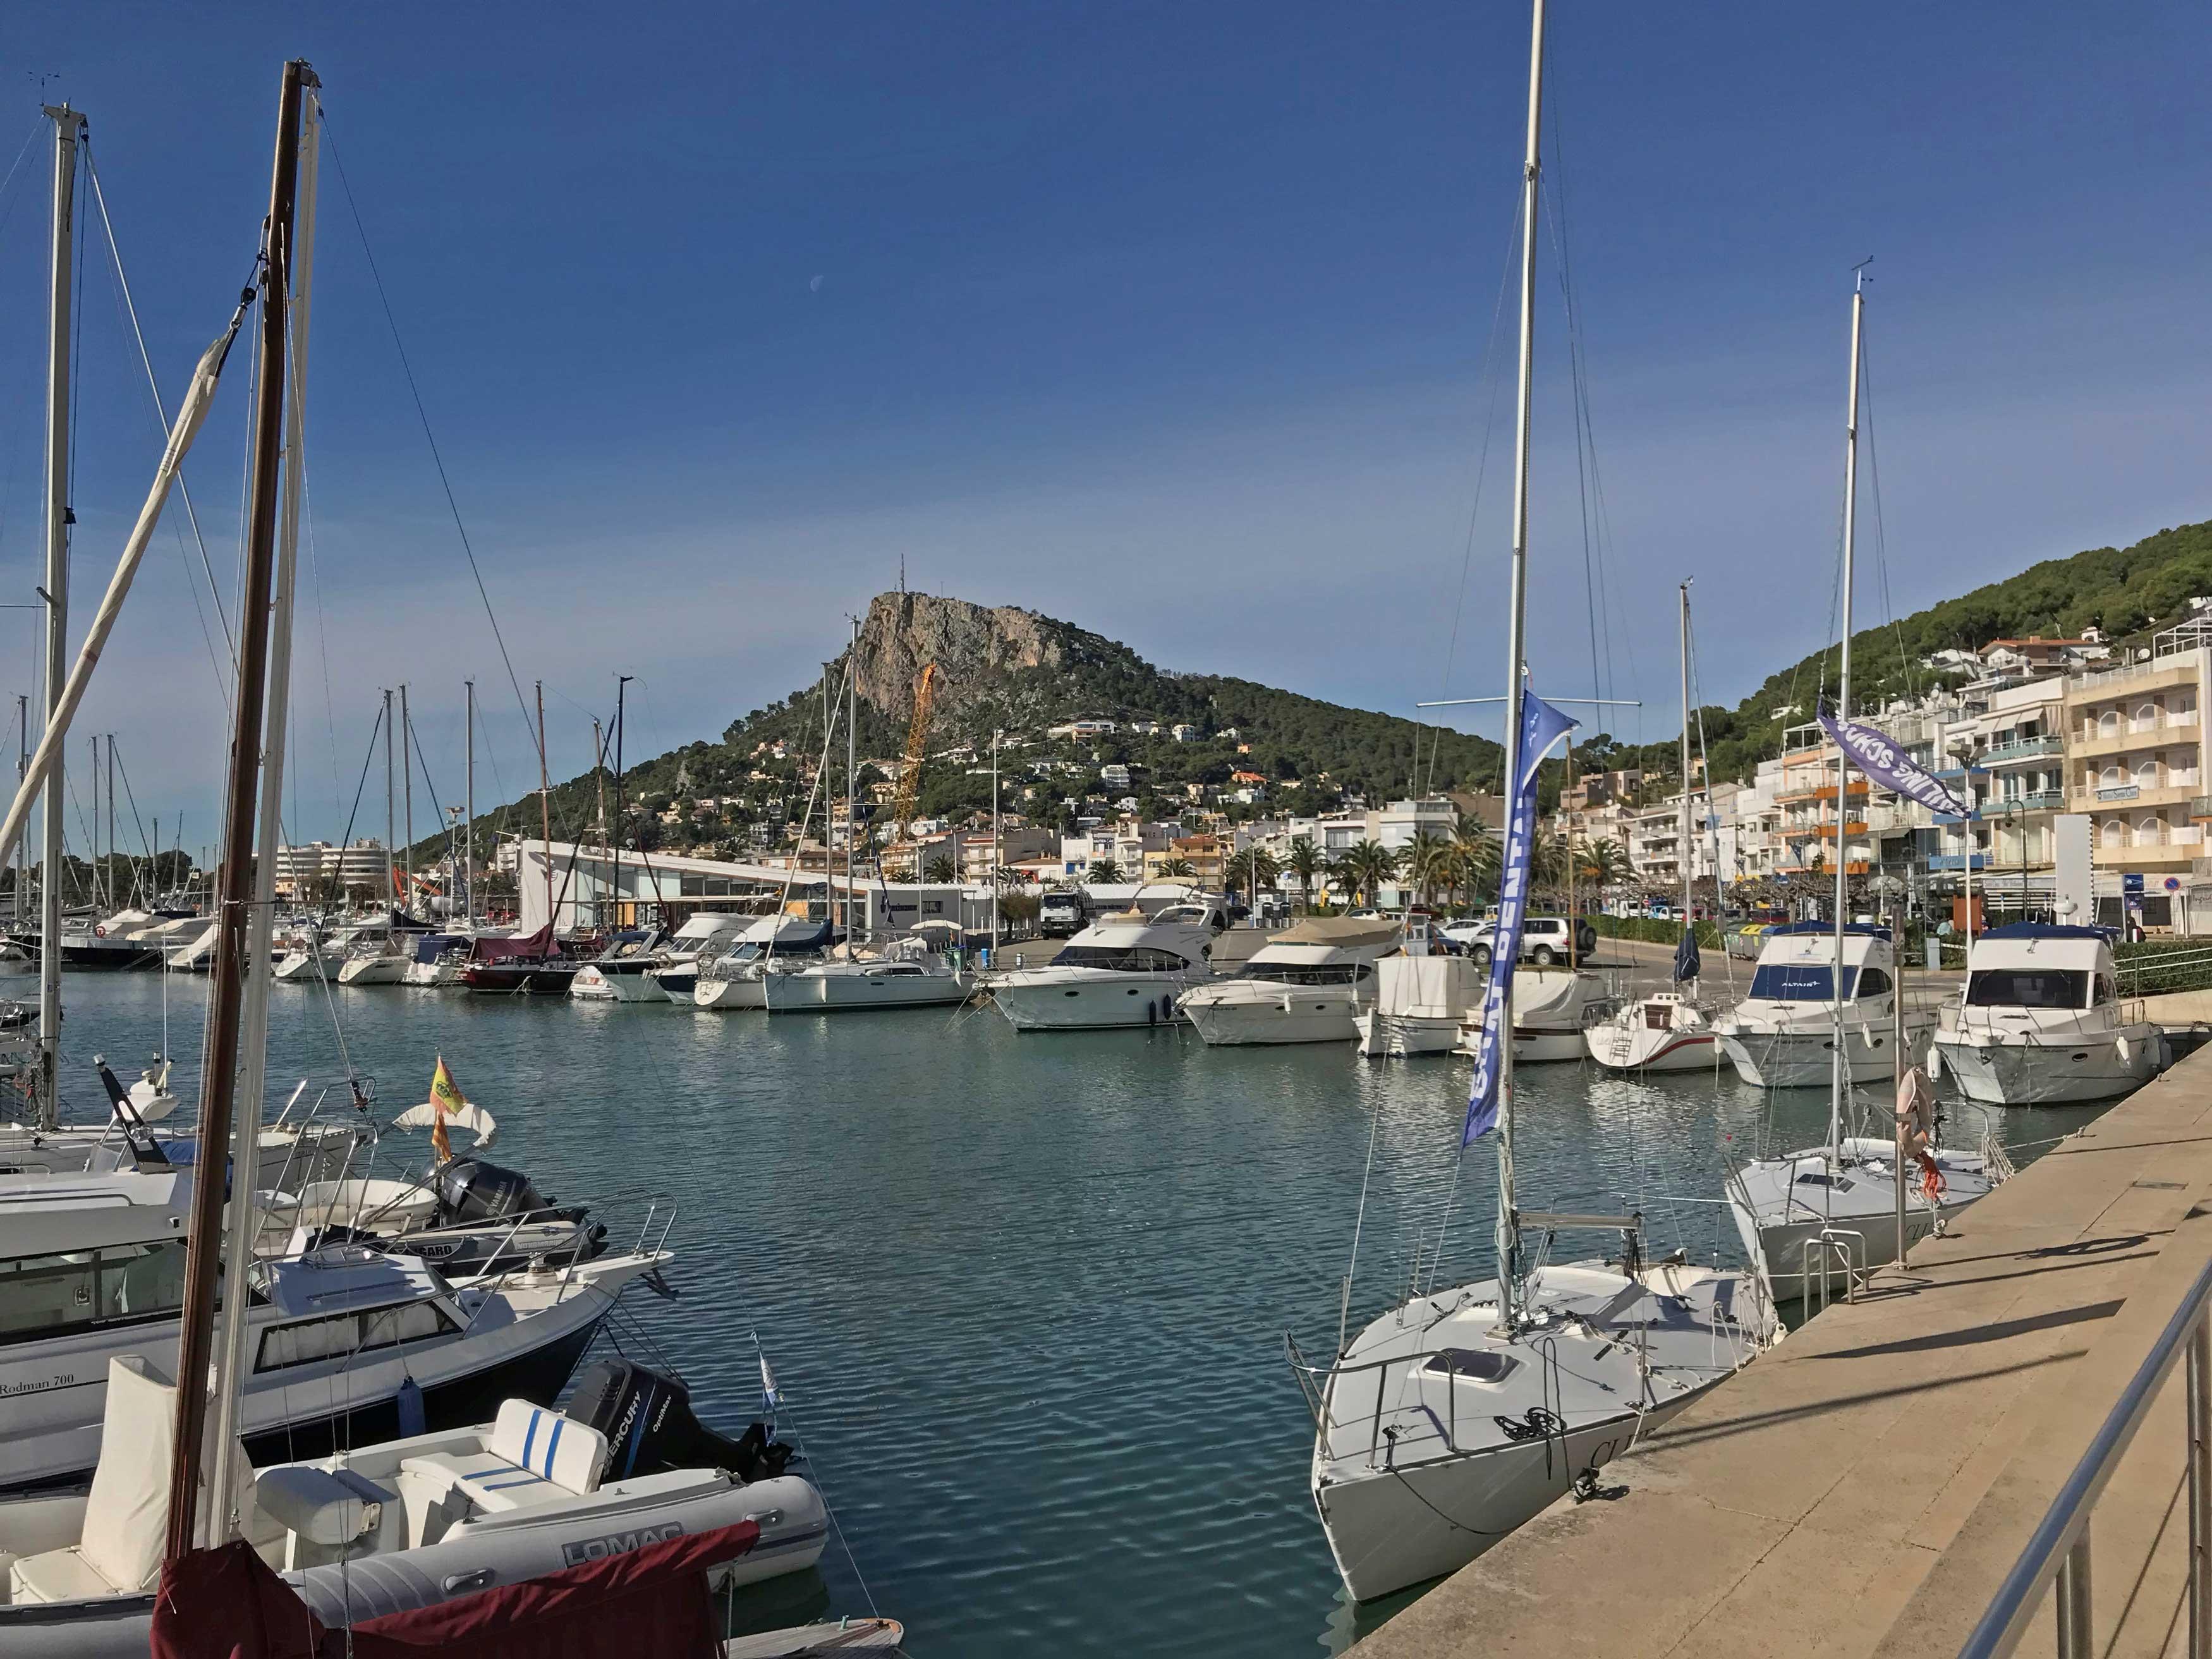 De haven van l'Estartit met de kenmerkende heuvel op de achtergrond.